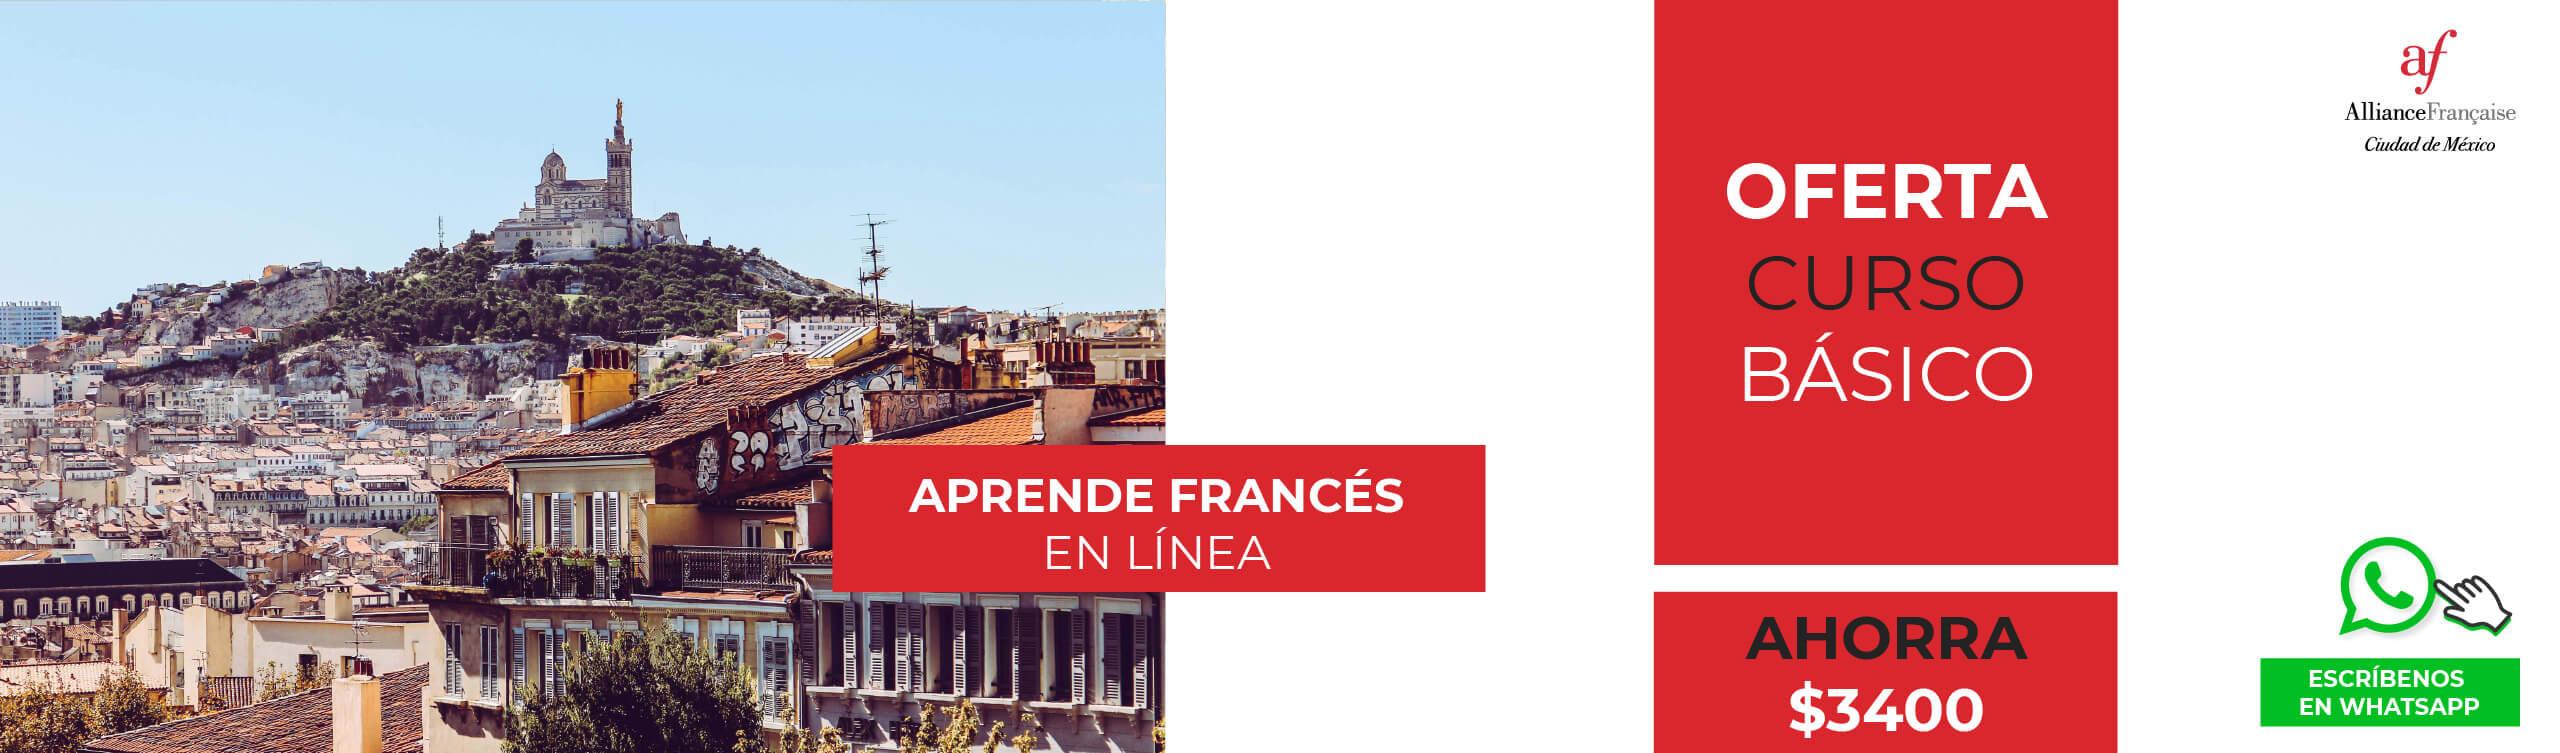 Promoción 2021 clases de francés